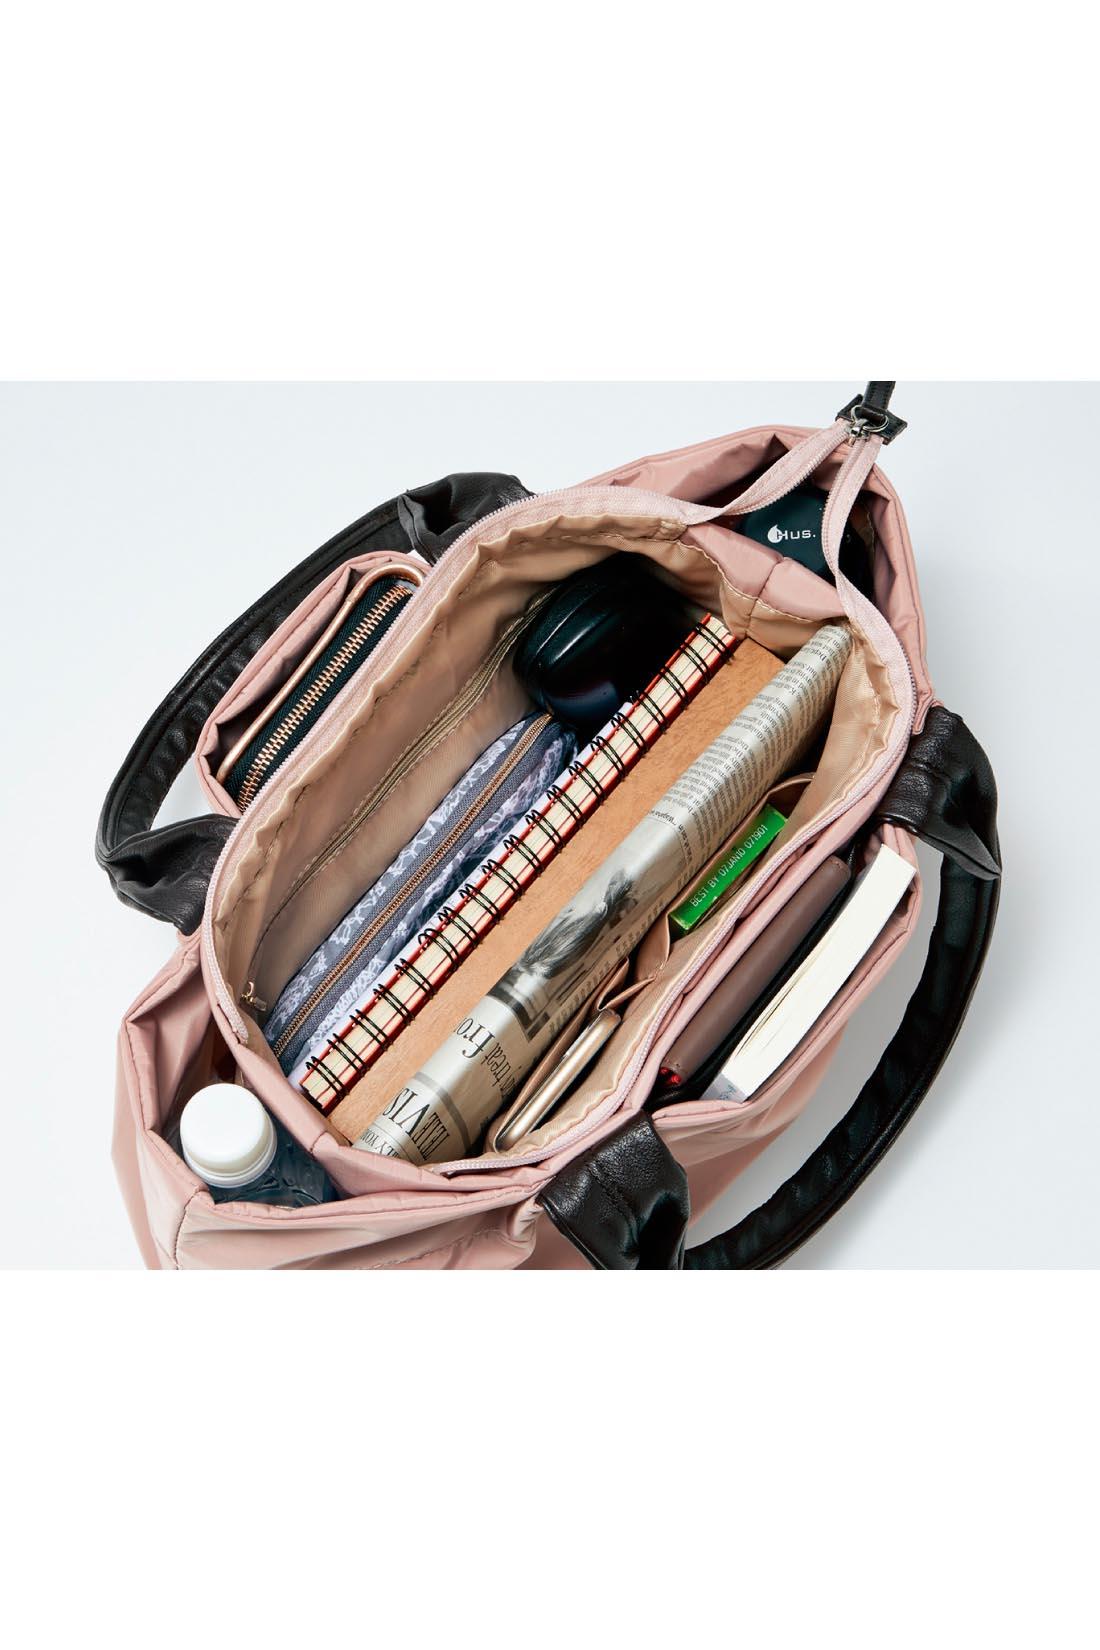 A4もおまかせの大容量 マチたっぷりの、大容量。書類や雑誌が余裕で収まります。さらに機能的なポケットを前後左右に配置。長財布はタテ長ポケットに収納できて便利!